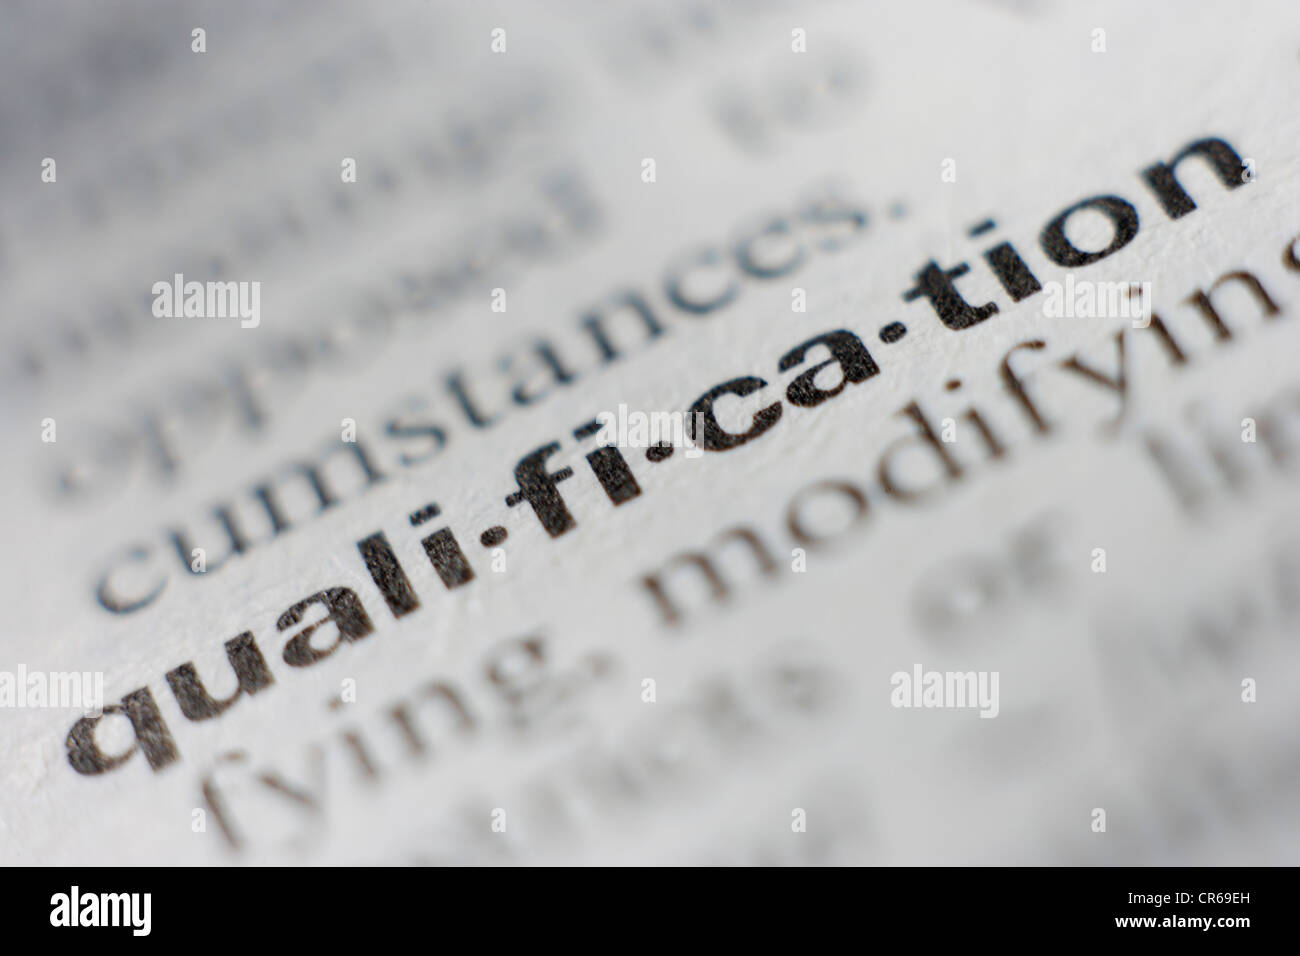 Página de diccionario con la definición de calificación, cerrar Imagen De Stock